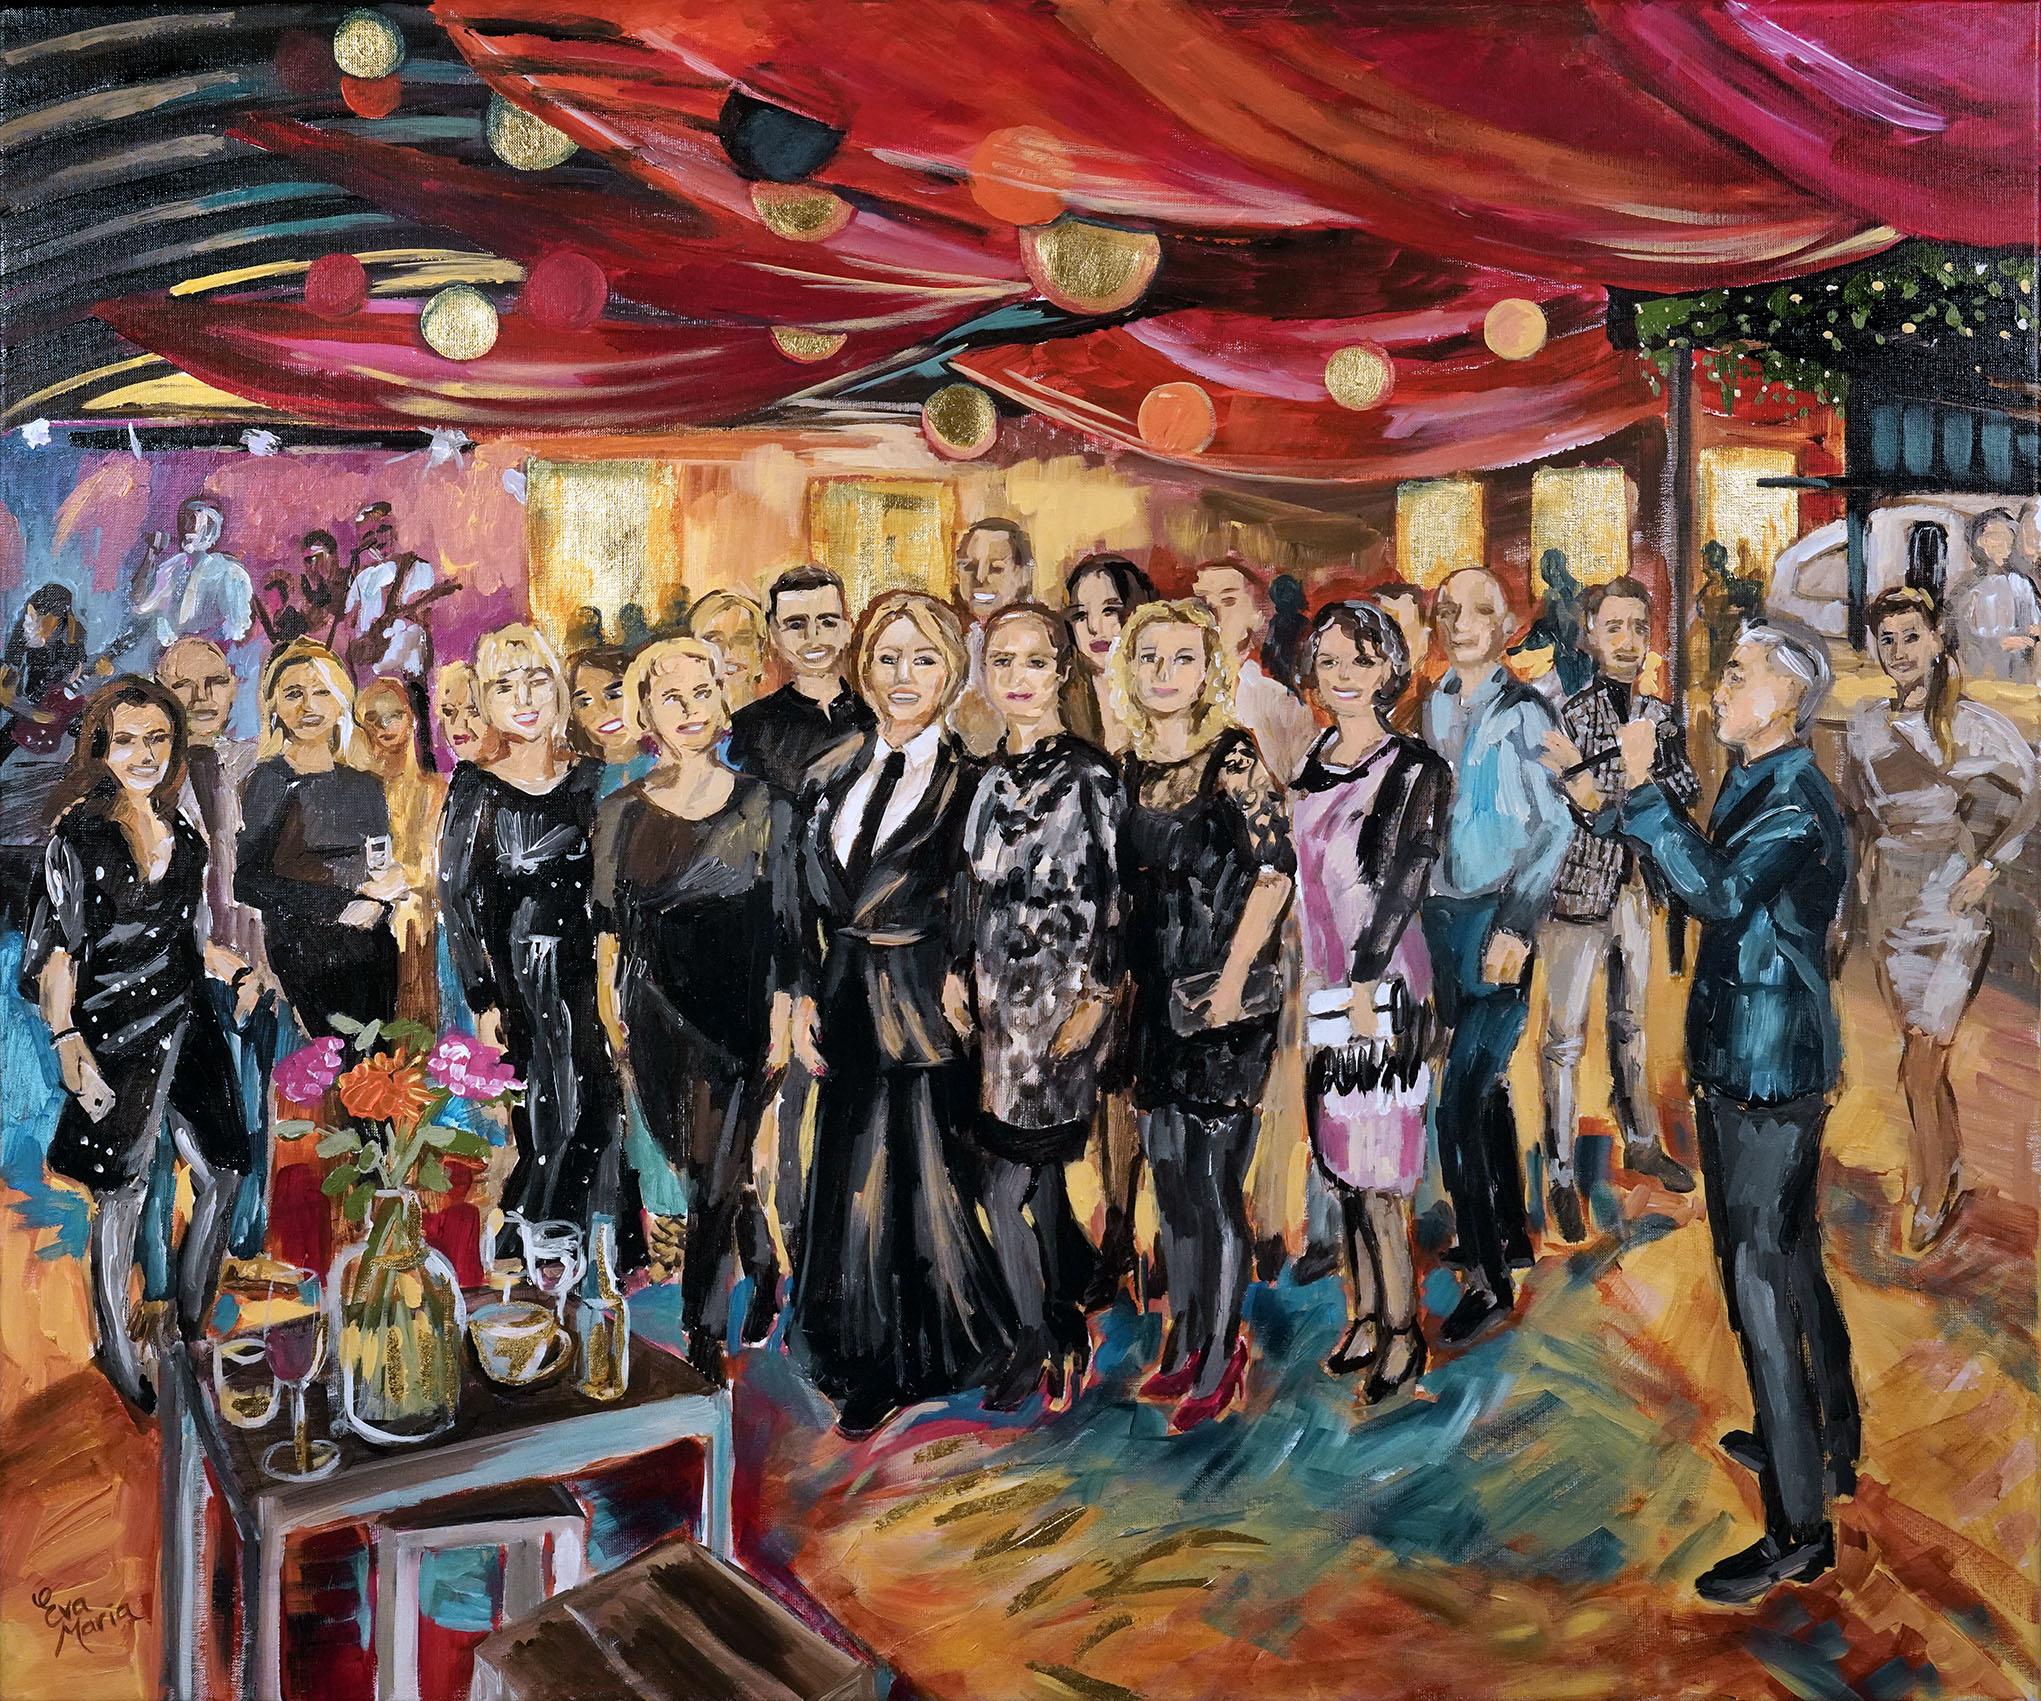 Live Paint Eva Maria afscheidsfeest Berkel en Rodenrijs